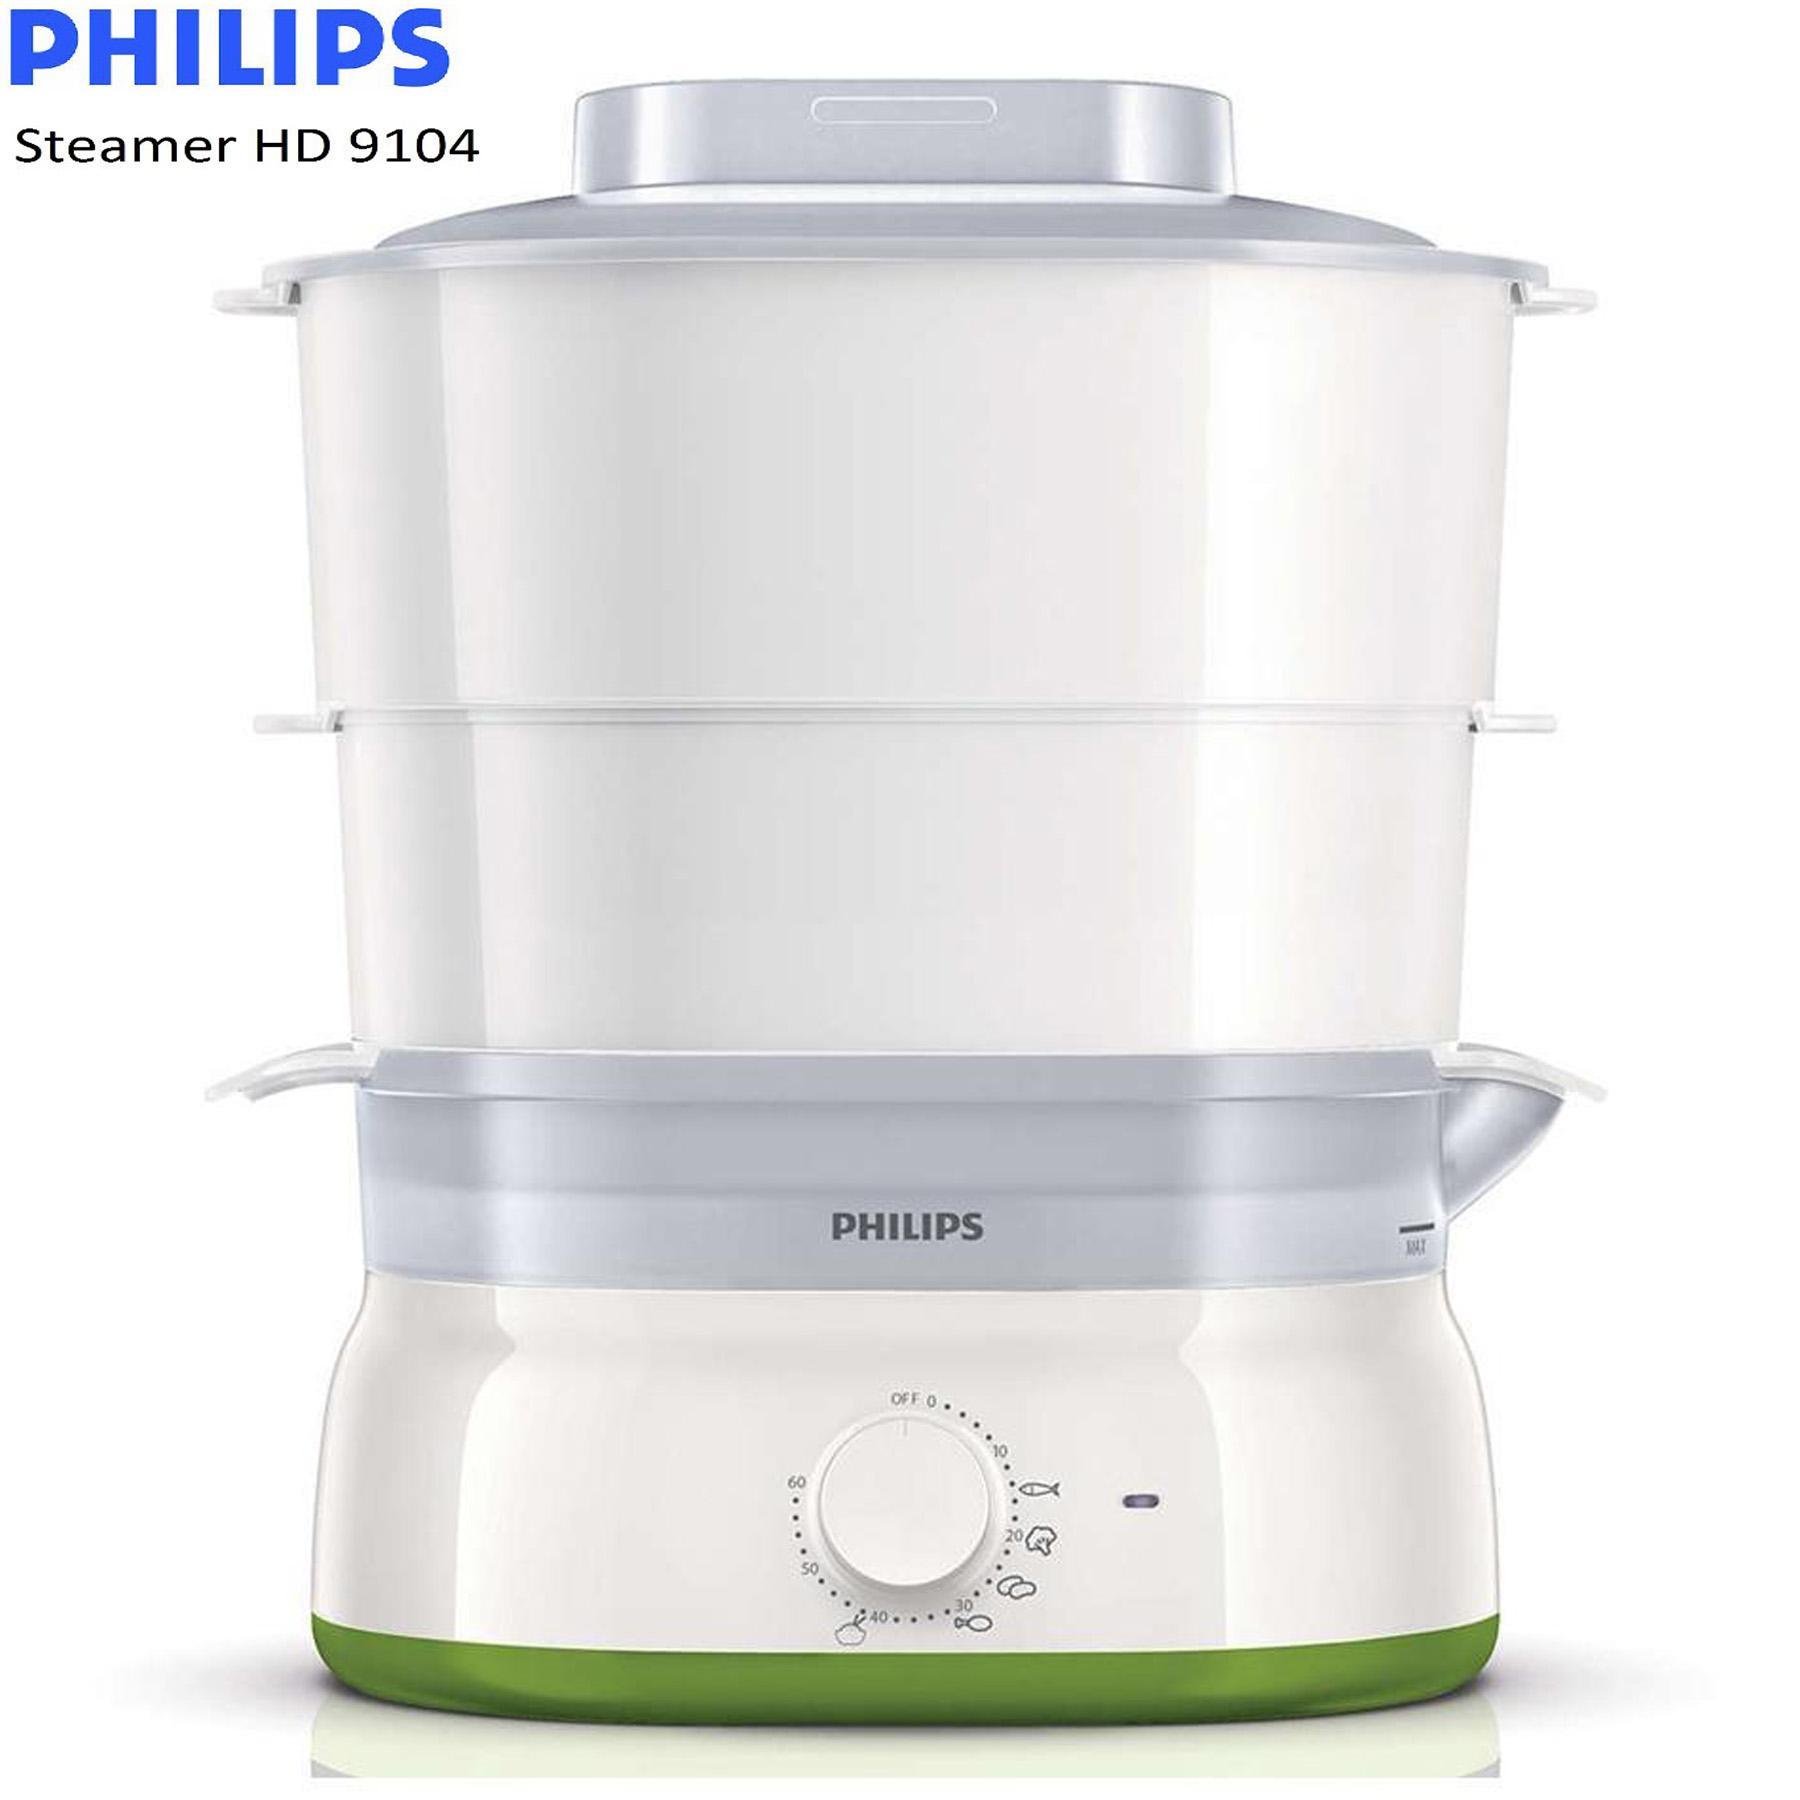 Nồi hấp Philips HD9104 2 tầng - Hàng nhập khẩu